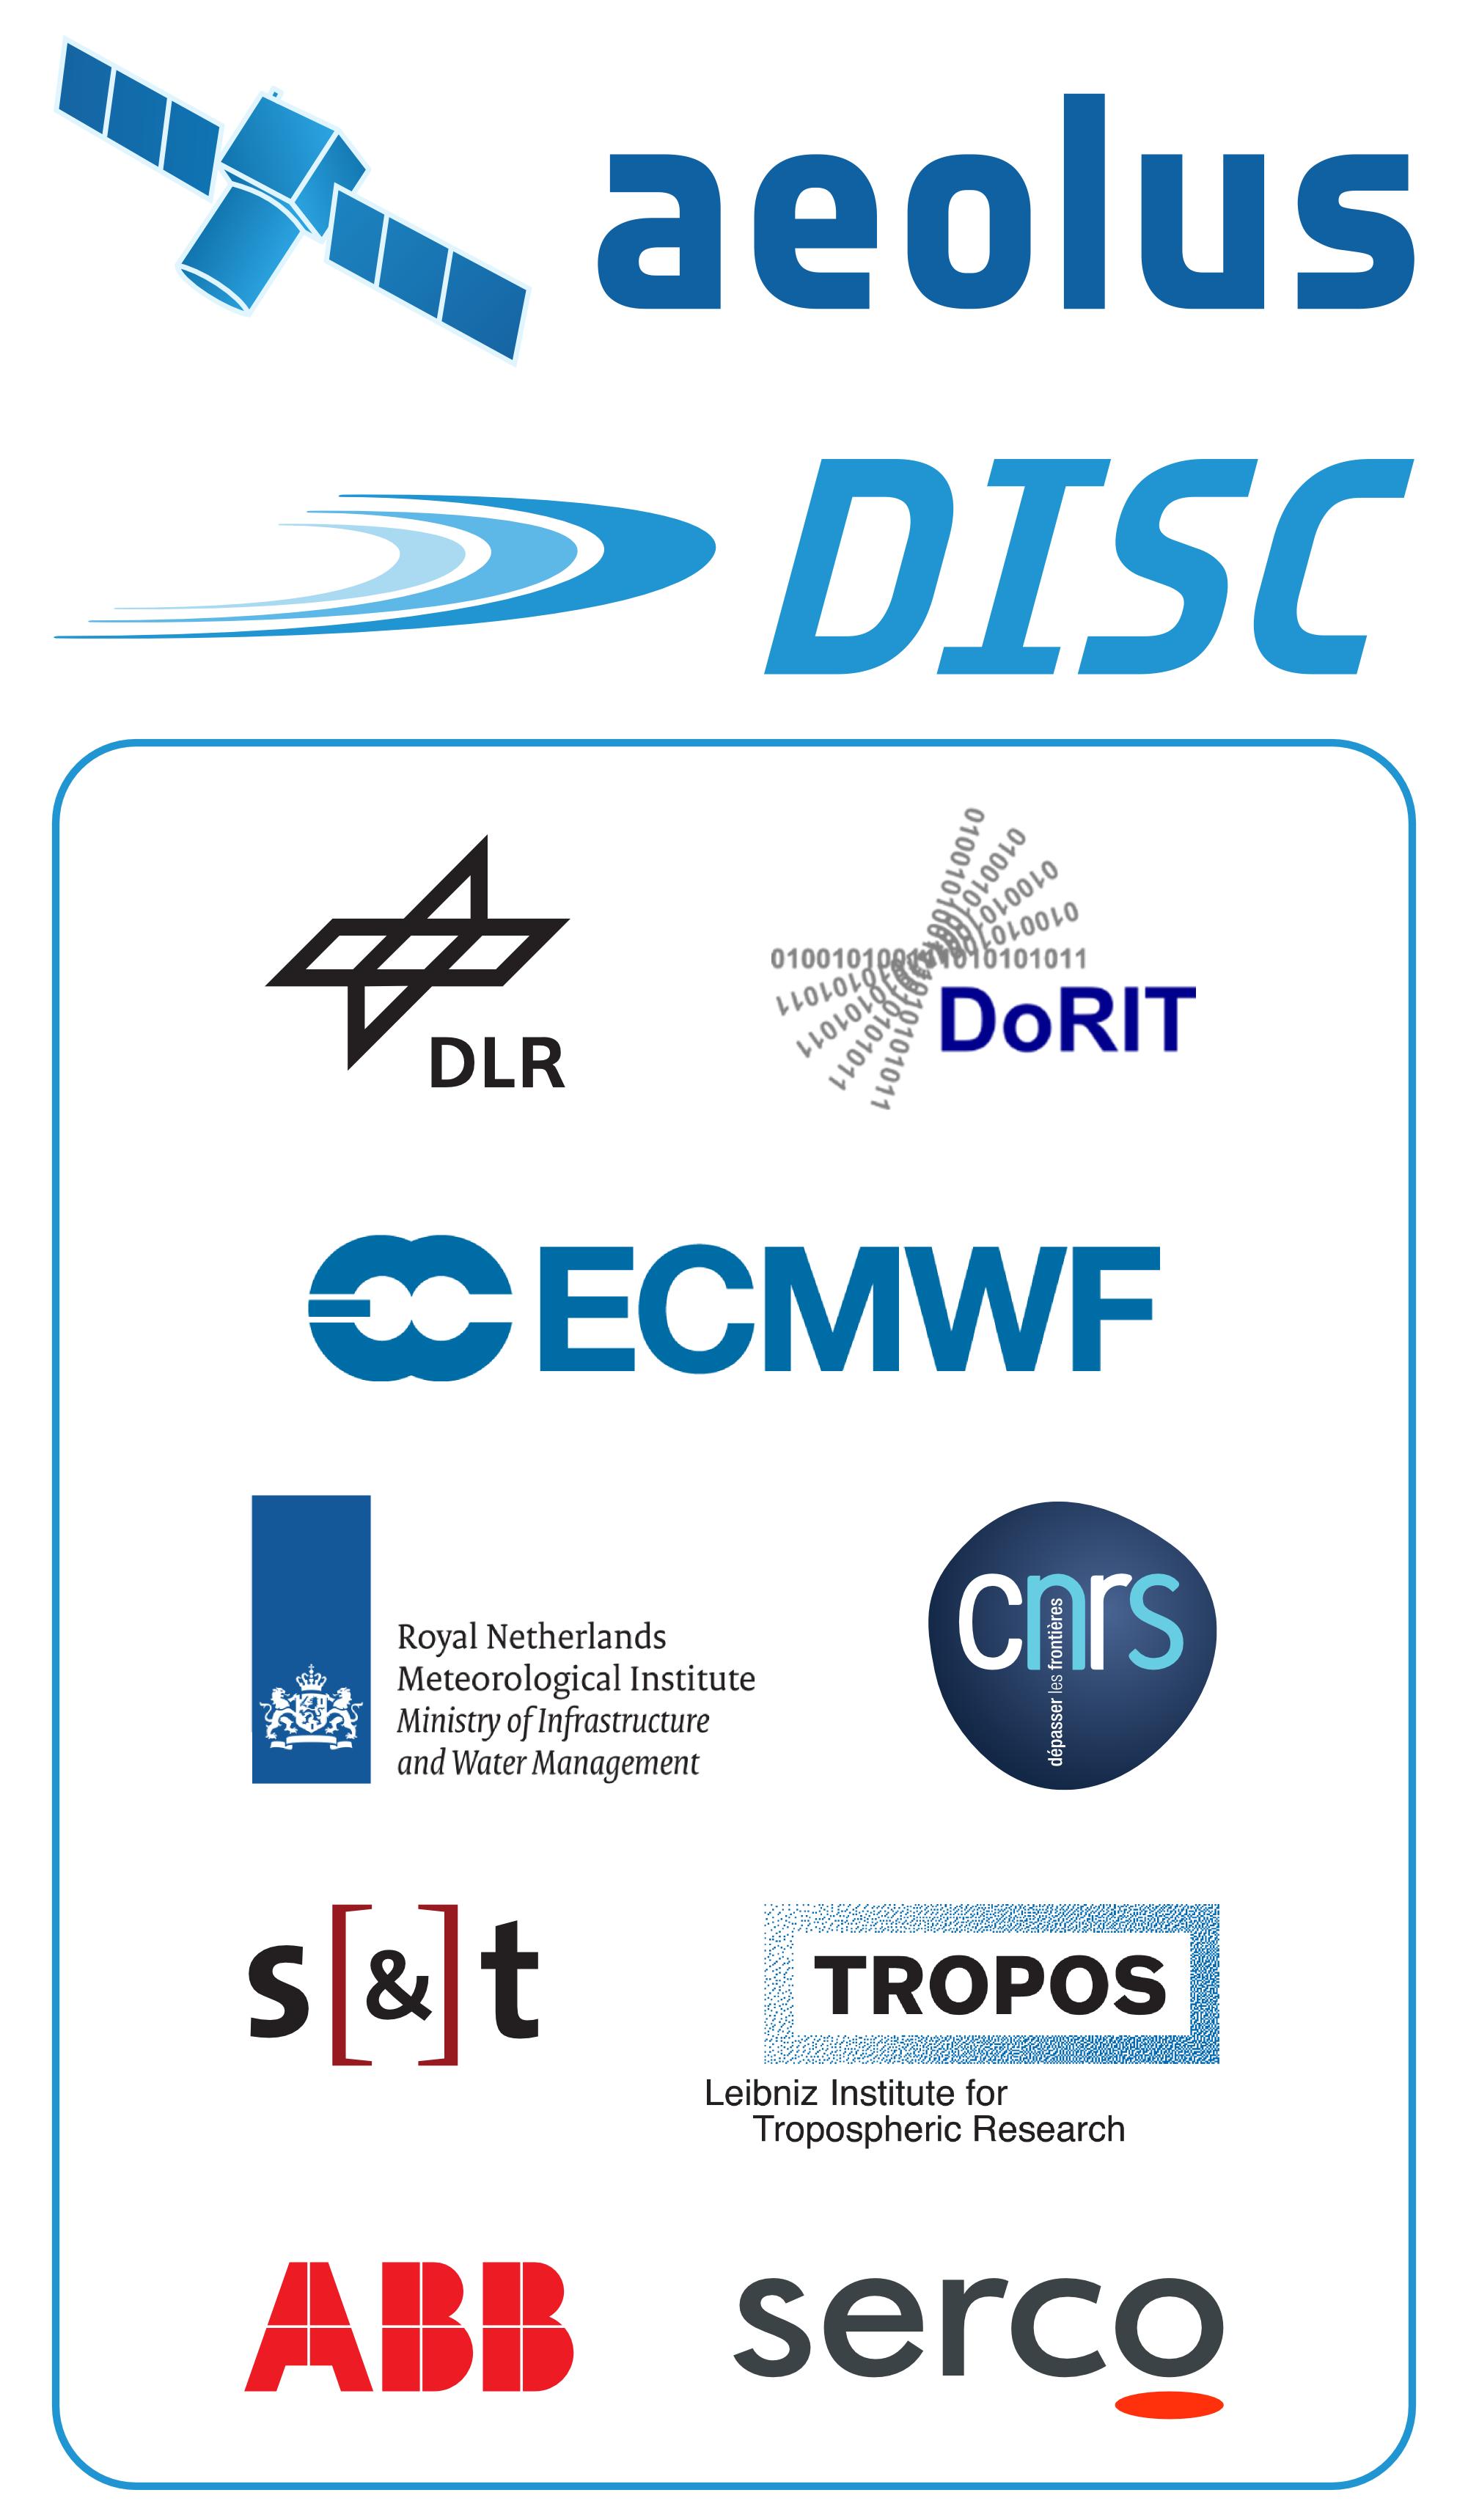 Aeolus DISC consortium